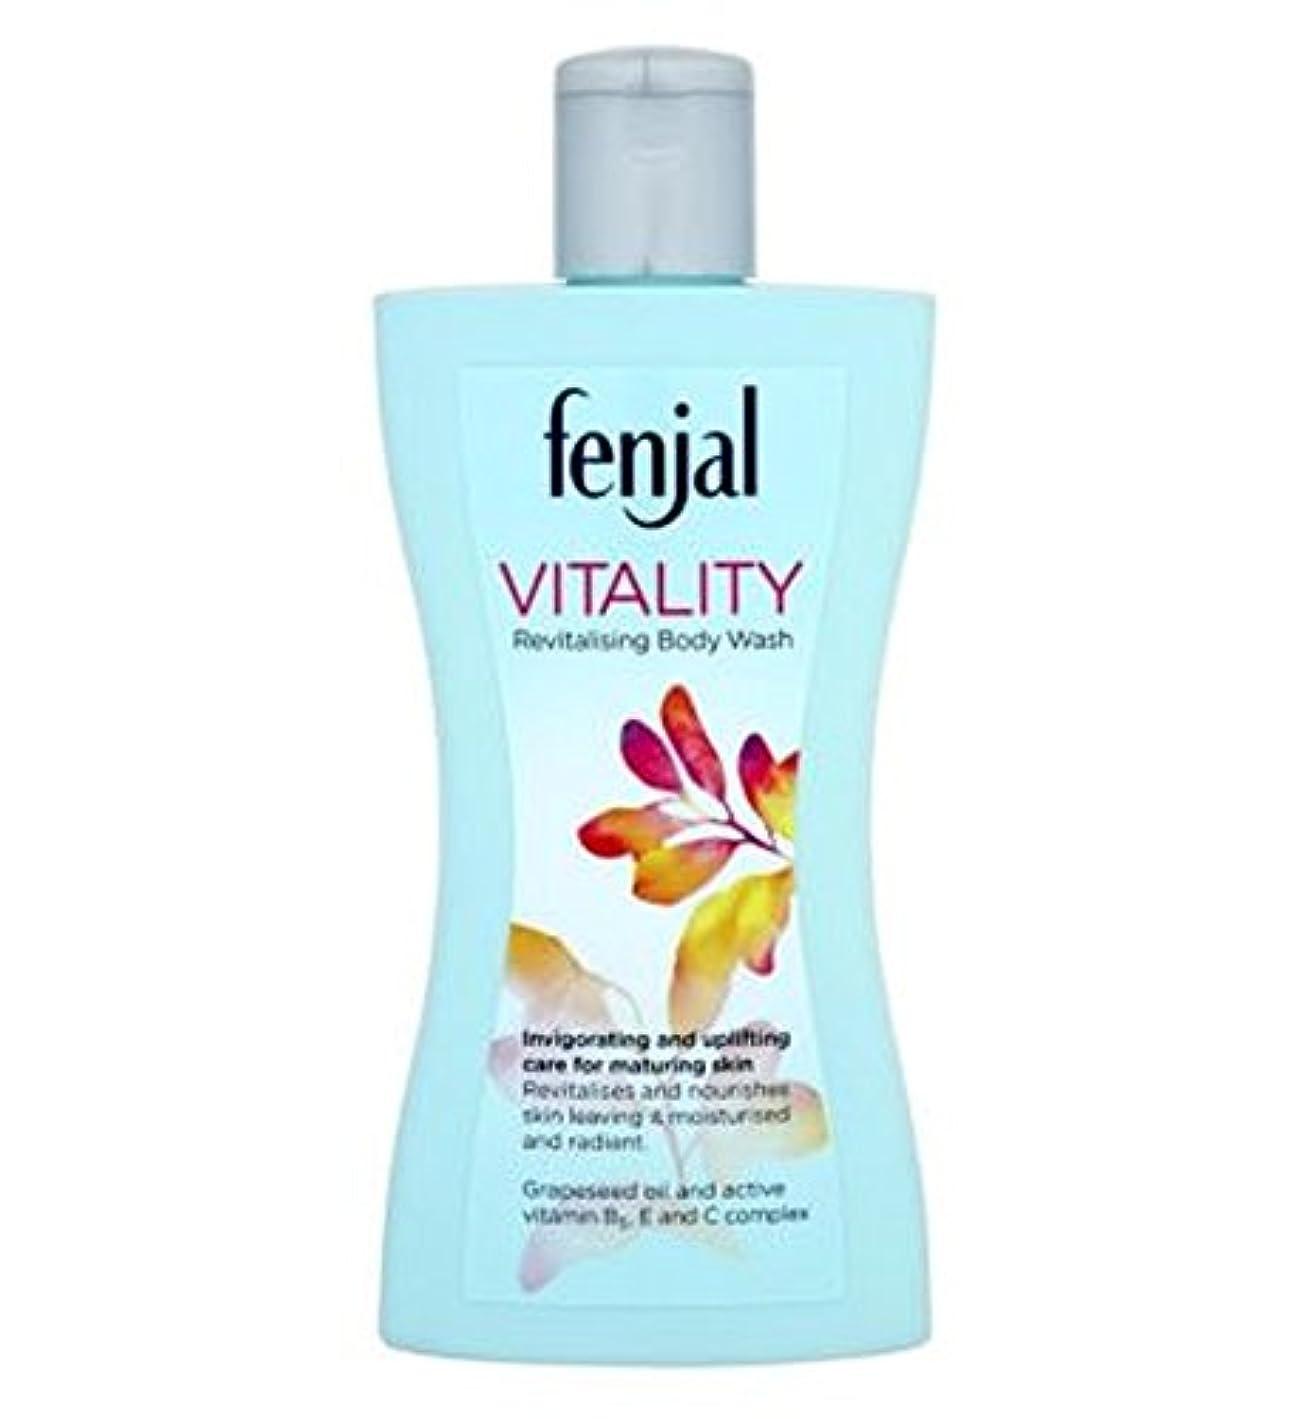 復活させる活気づける航空会社Fenjal Vitality revitalising Body Wash - Fenjal活力活性化ボディウォッシュ (Fenjal) [並行輸入品]